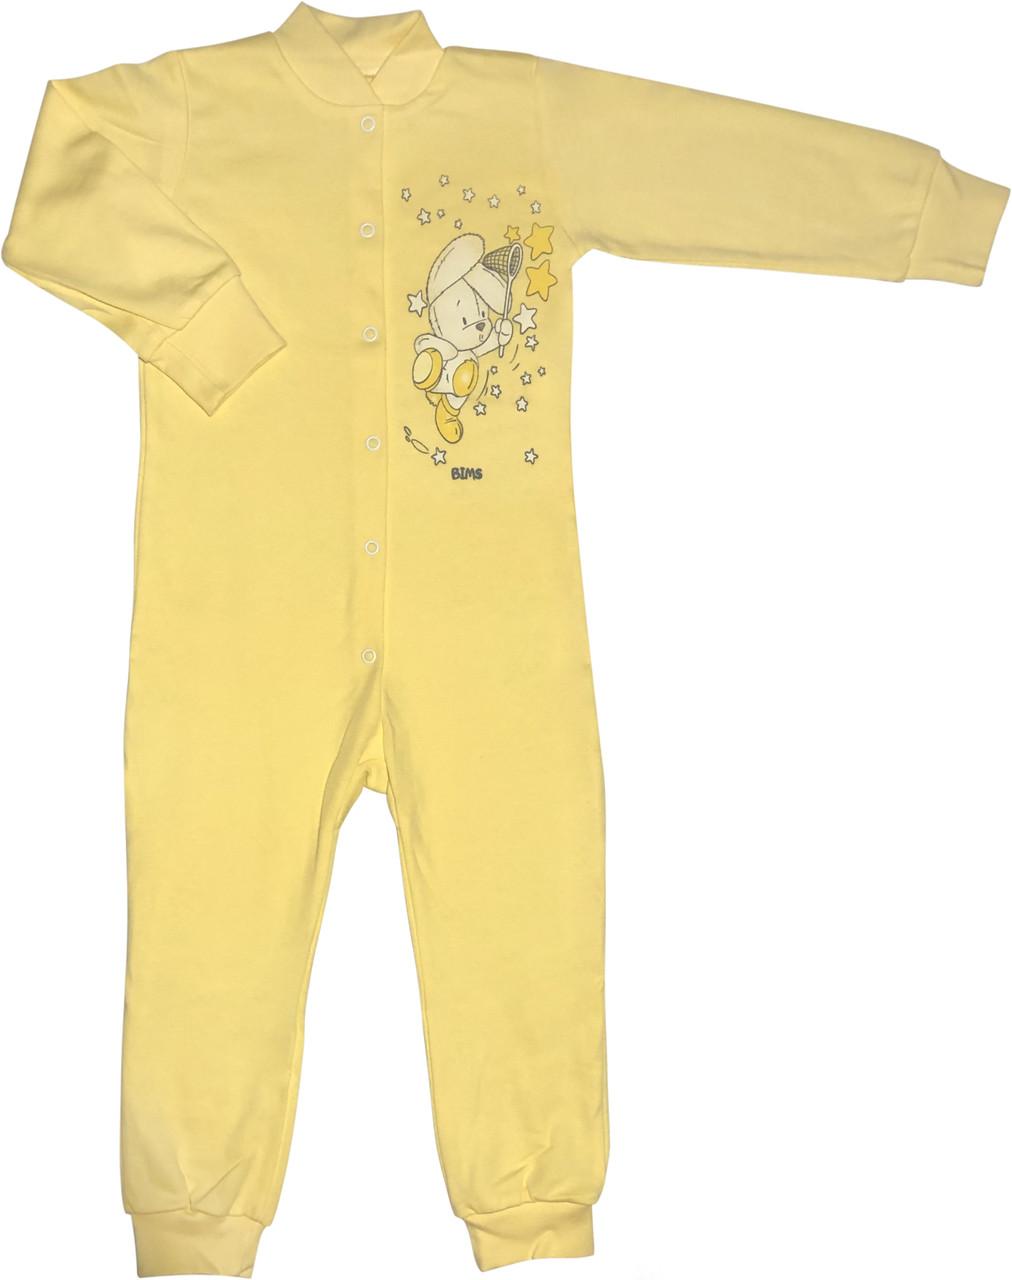 Человечек для малышей рост 92 1,5-2 года на мальчика девочку слип с отрытыми ножками трикотажный жёлтый